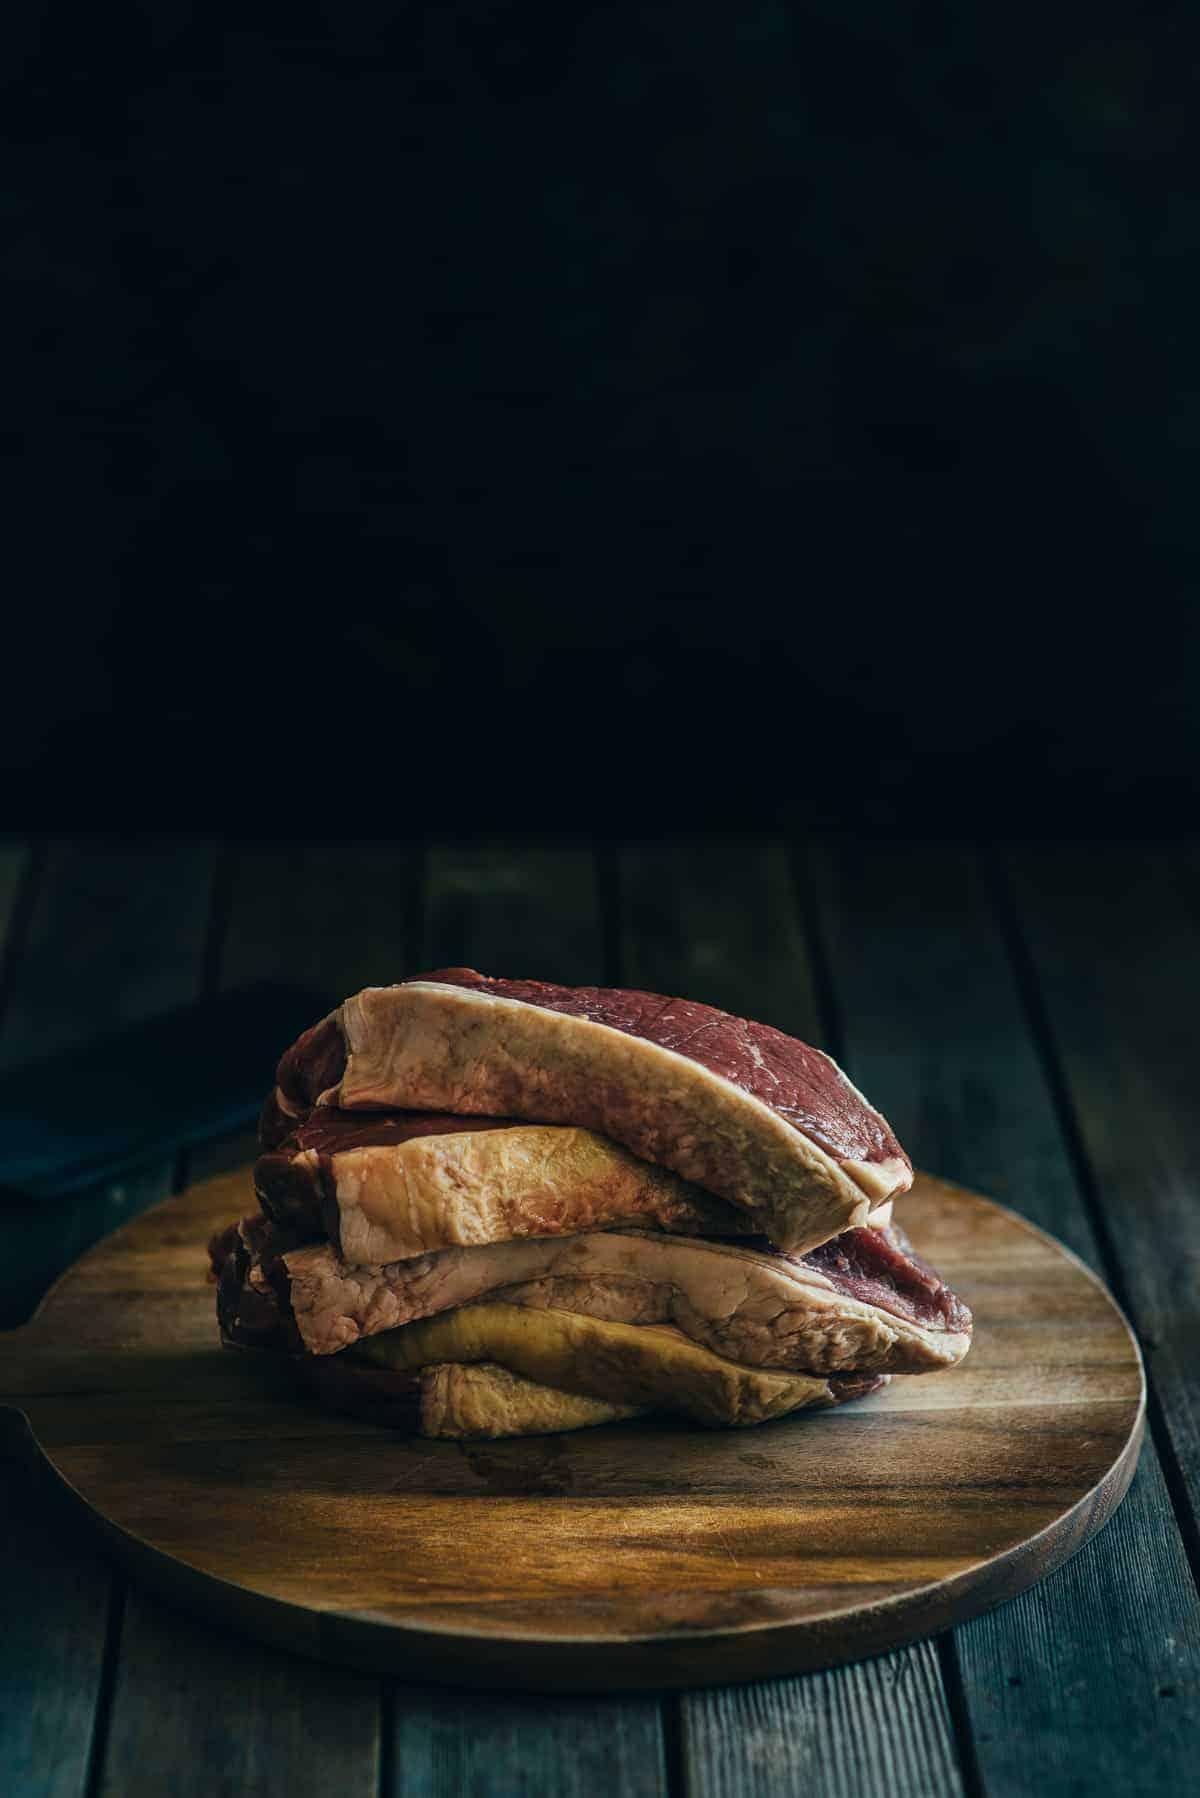 steaks on a chopping board